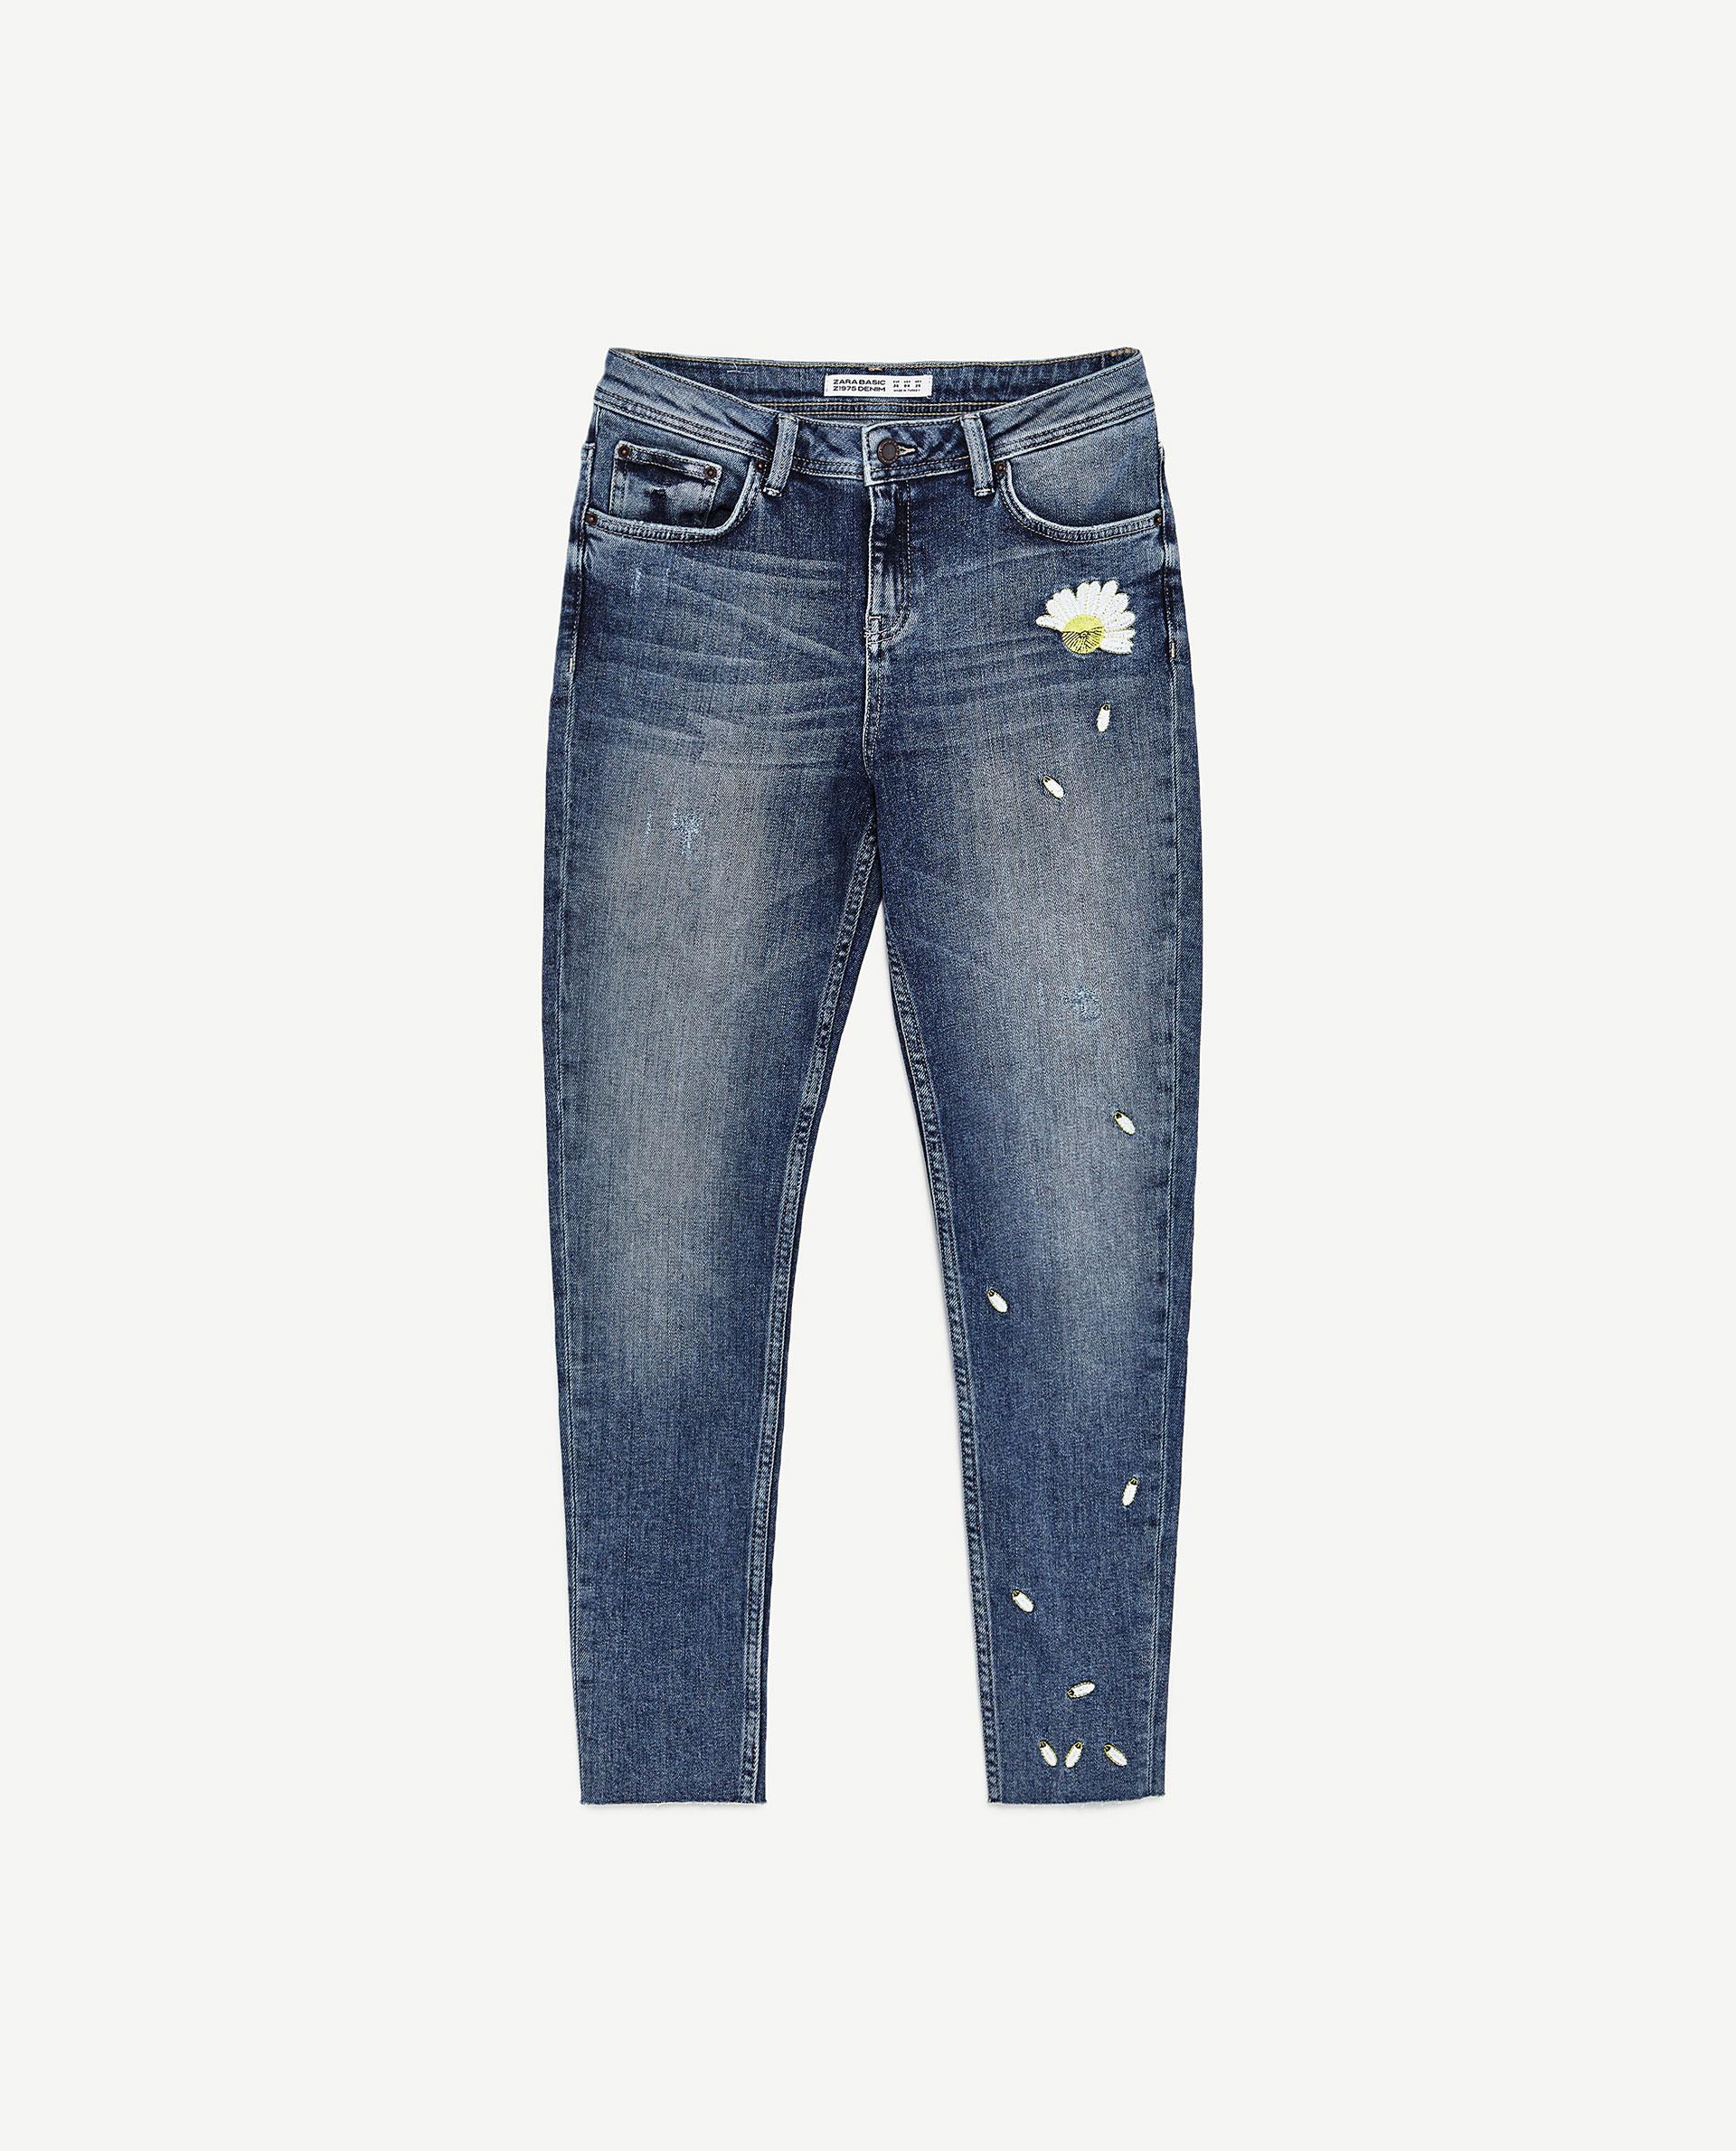 刺繍入りミディアムライズジーンズ